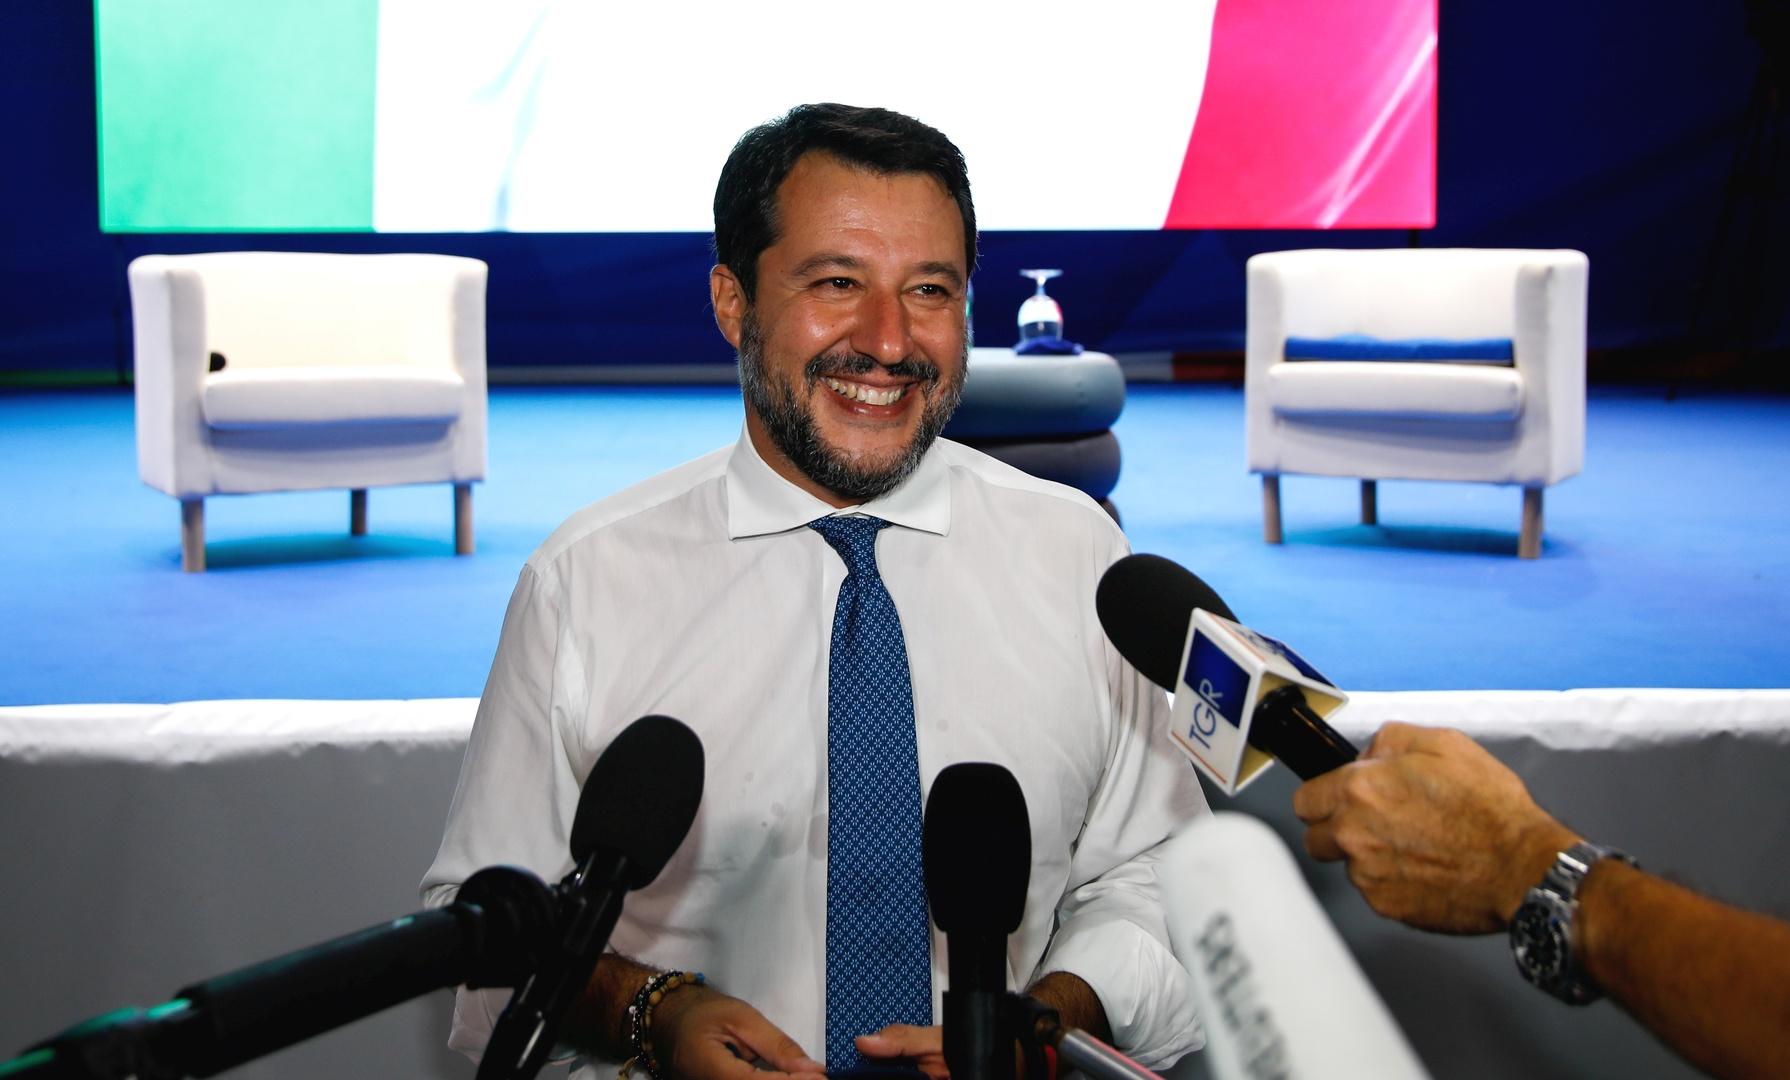 وزير الداخلية الإيطالي الأسبق اليميني المتطرف ماتيو سالفيني.